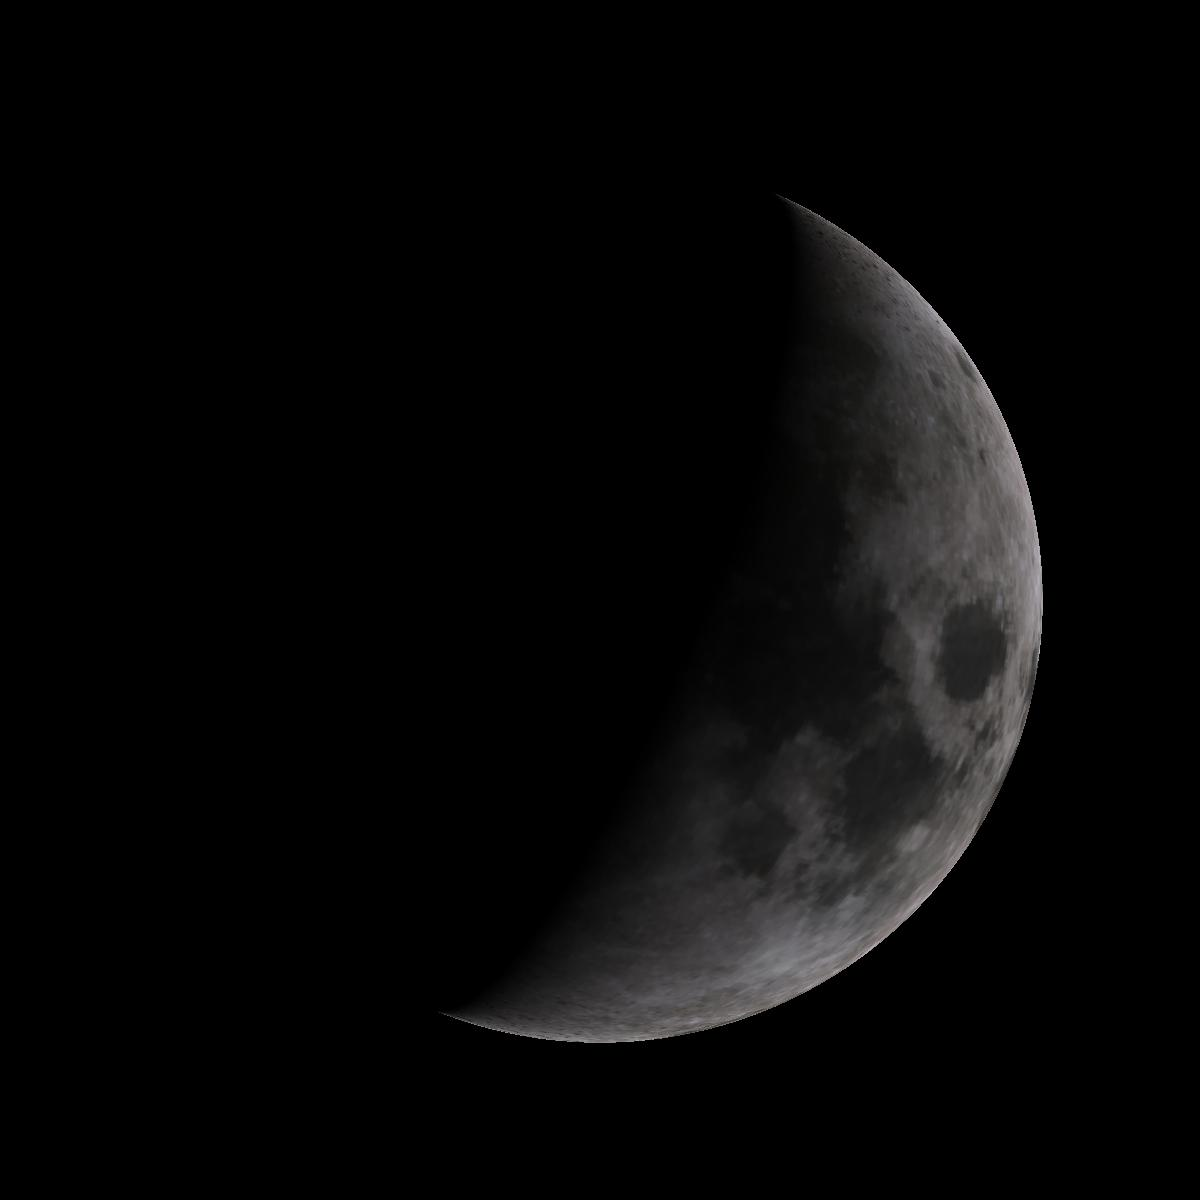 Lune du 2 janvier 2020